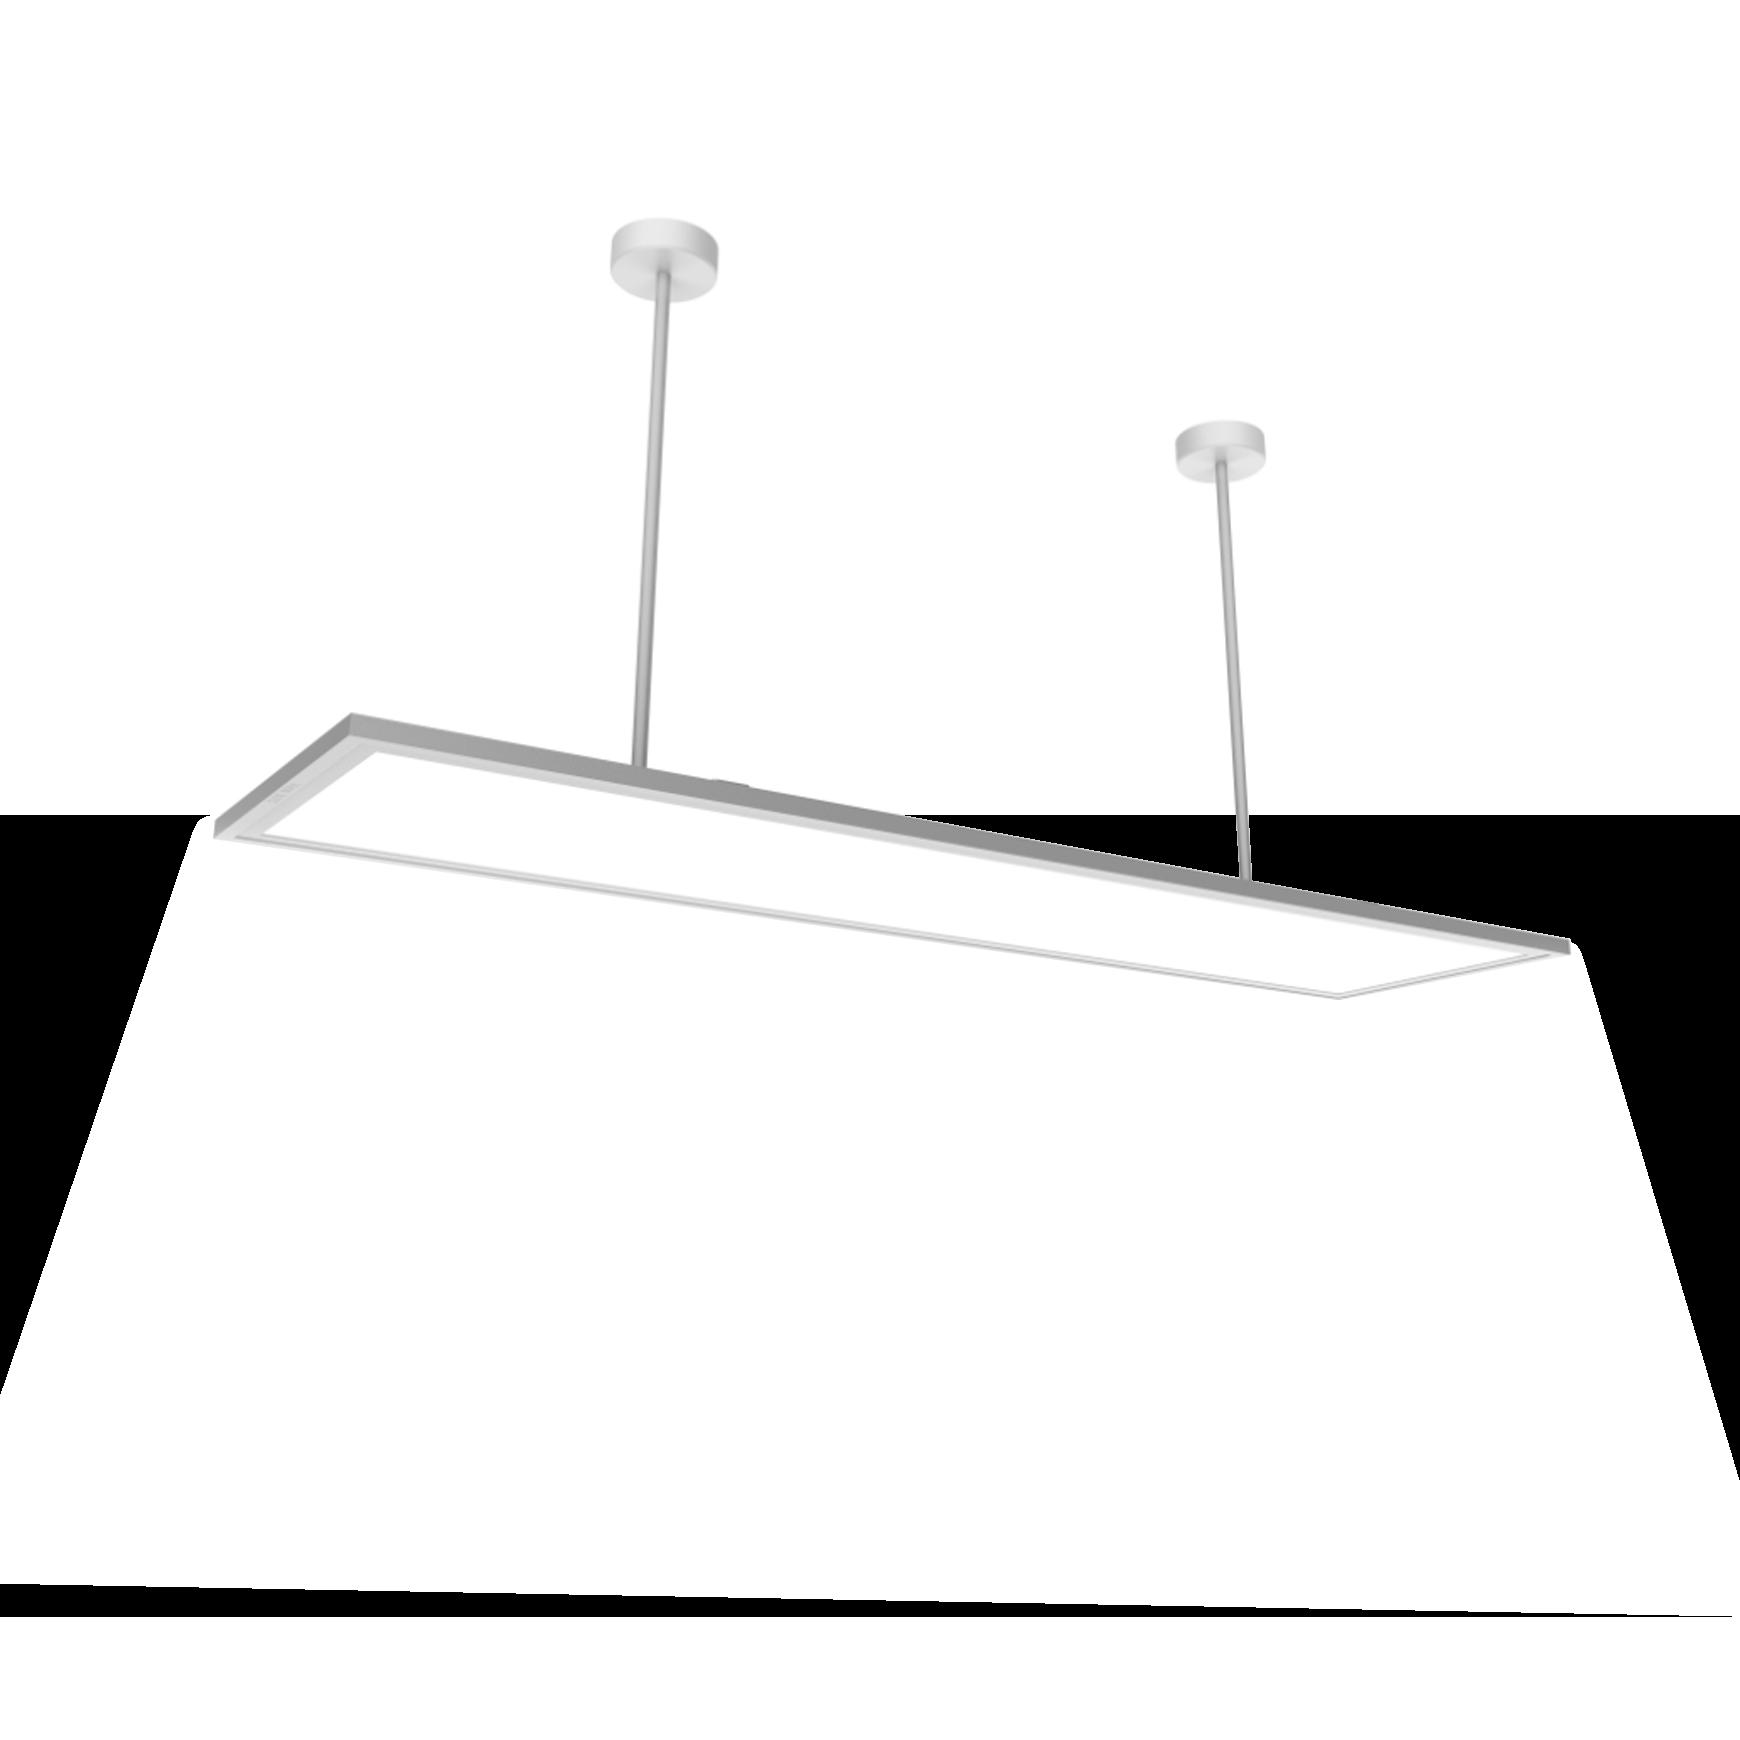 教室燈(微晶防眩)